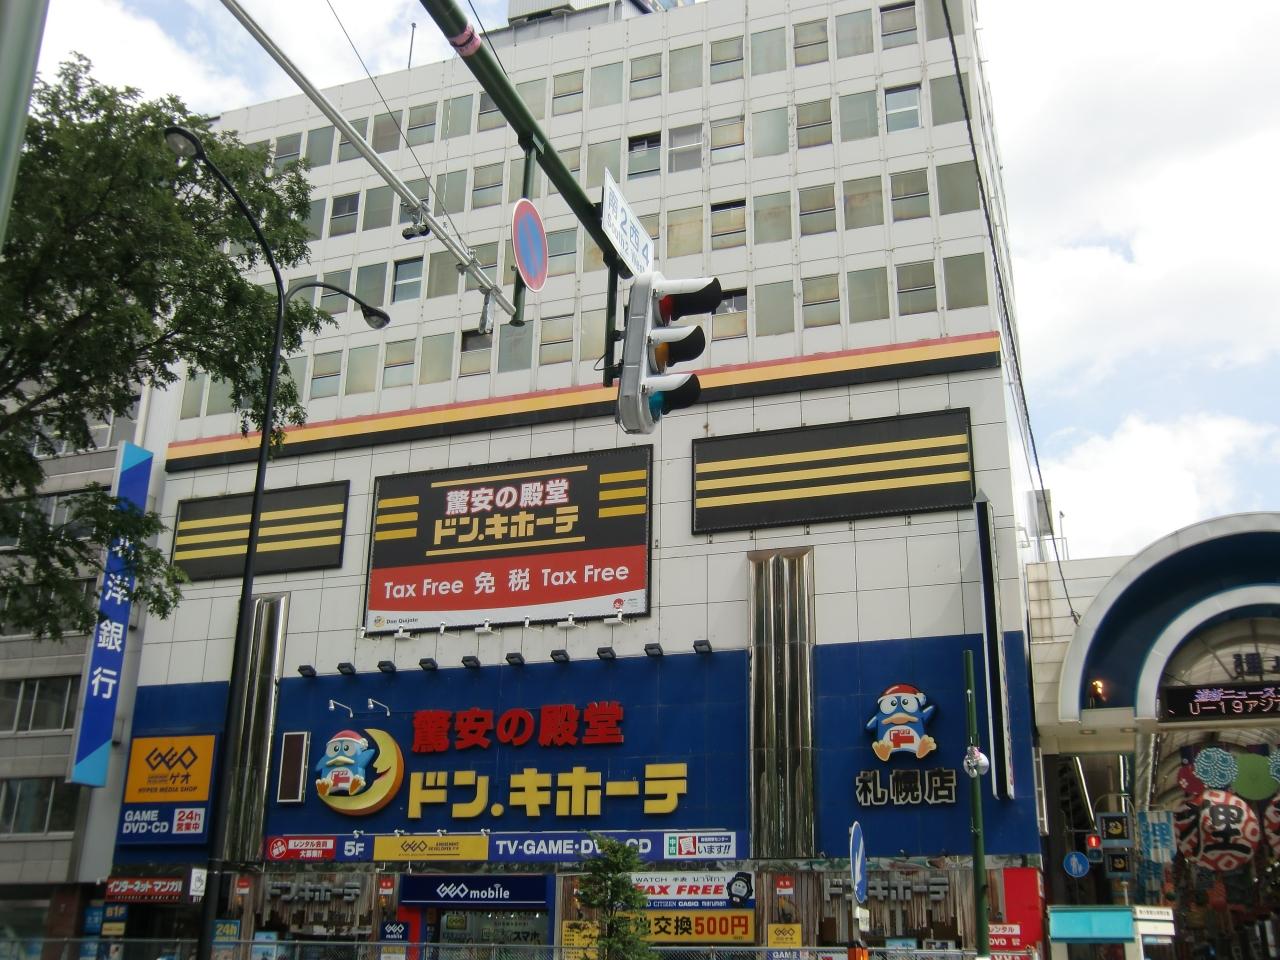 すすきの・札幌のショッピングスポット ドン・キホーテ 札幌店